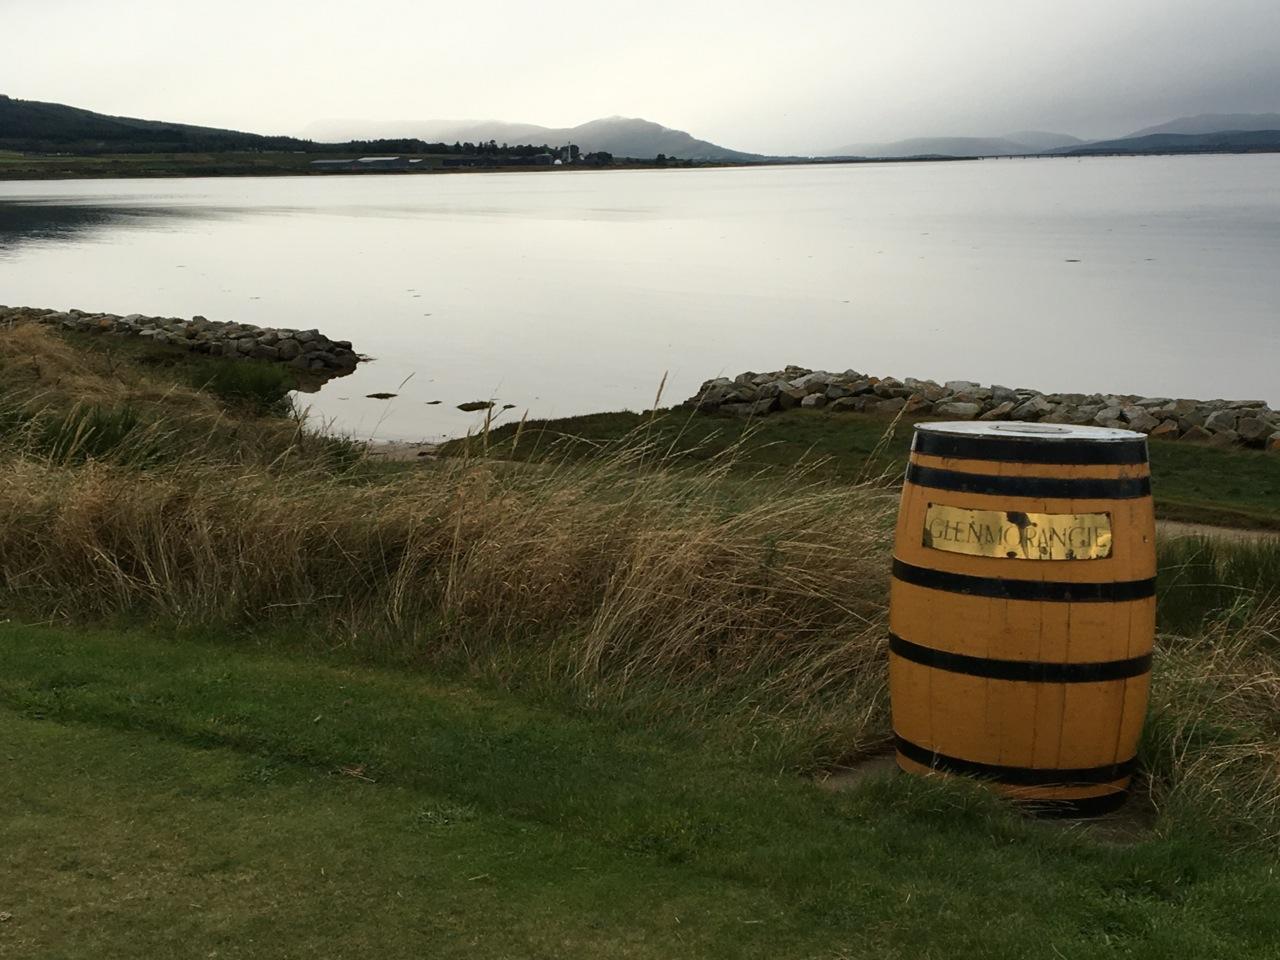 Abschlag Loch 12 mit Blick auf die bekannte Distillerie.